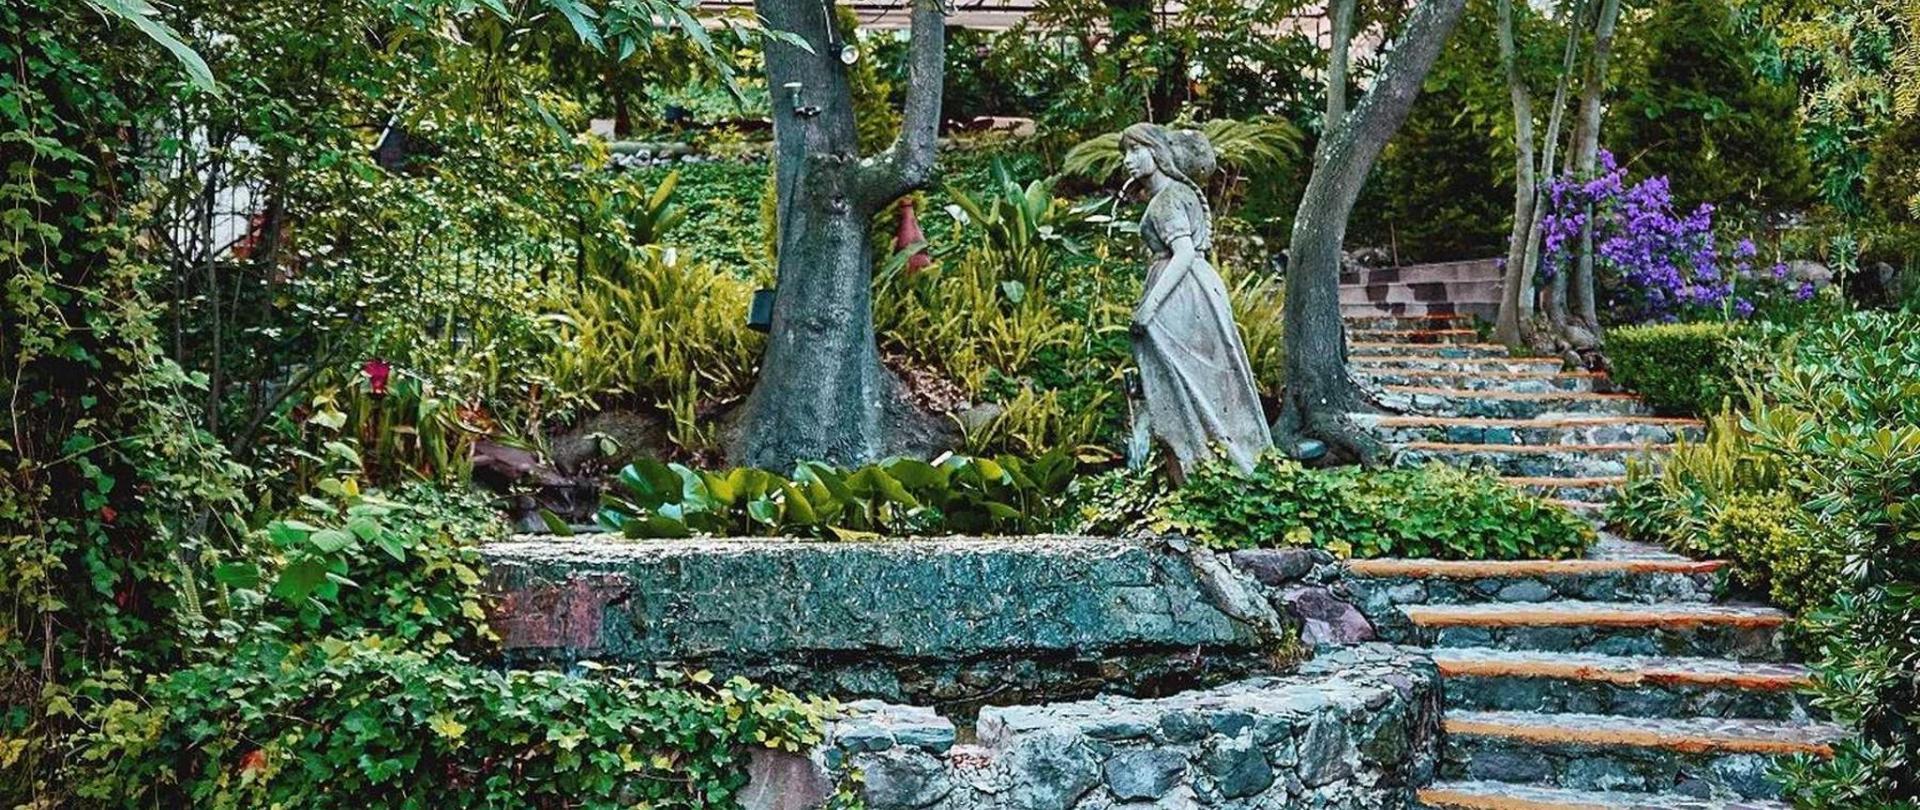 jardin1-1.jpg.1800x0_default.jpg